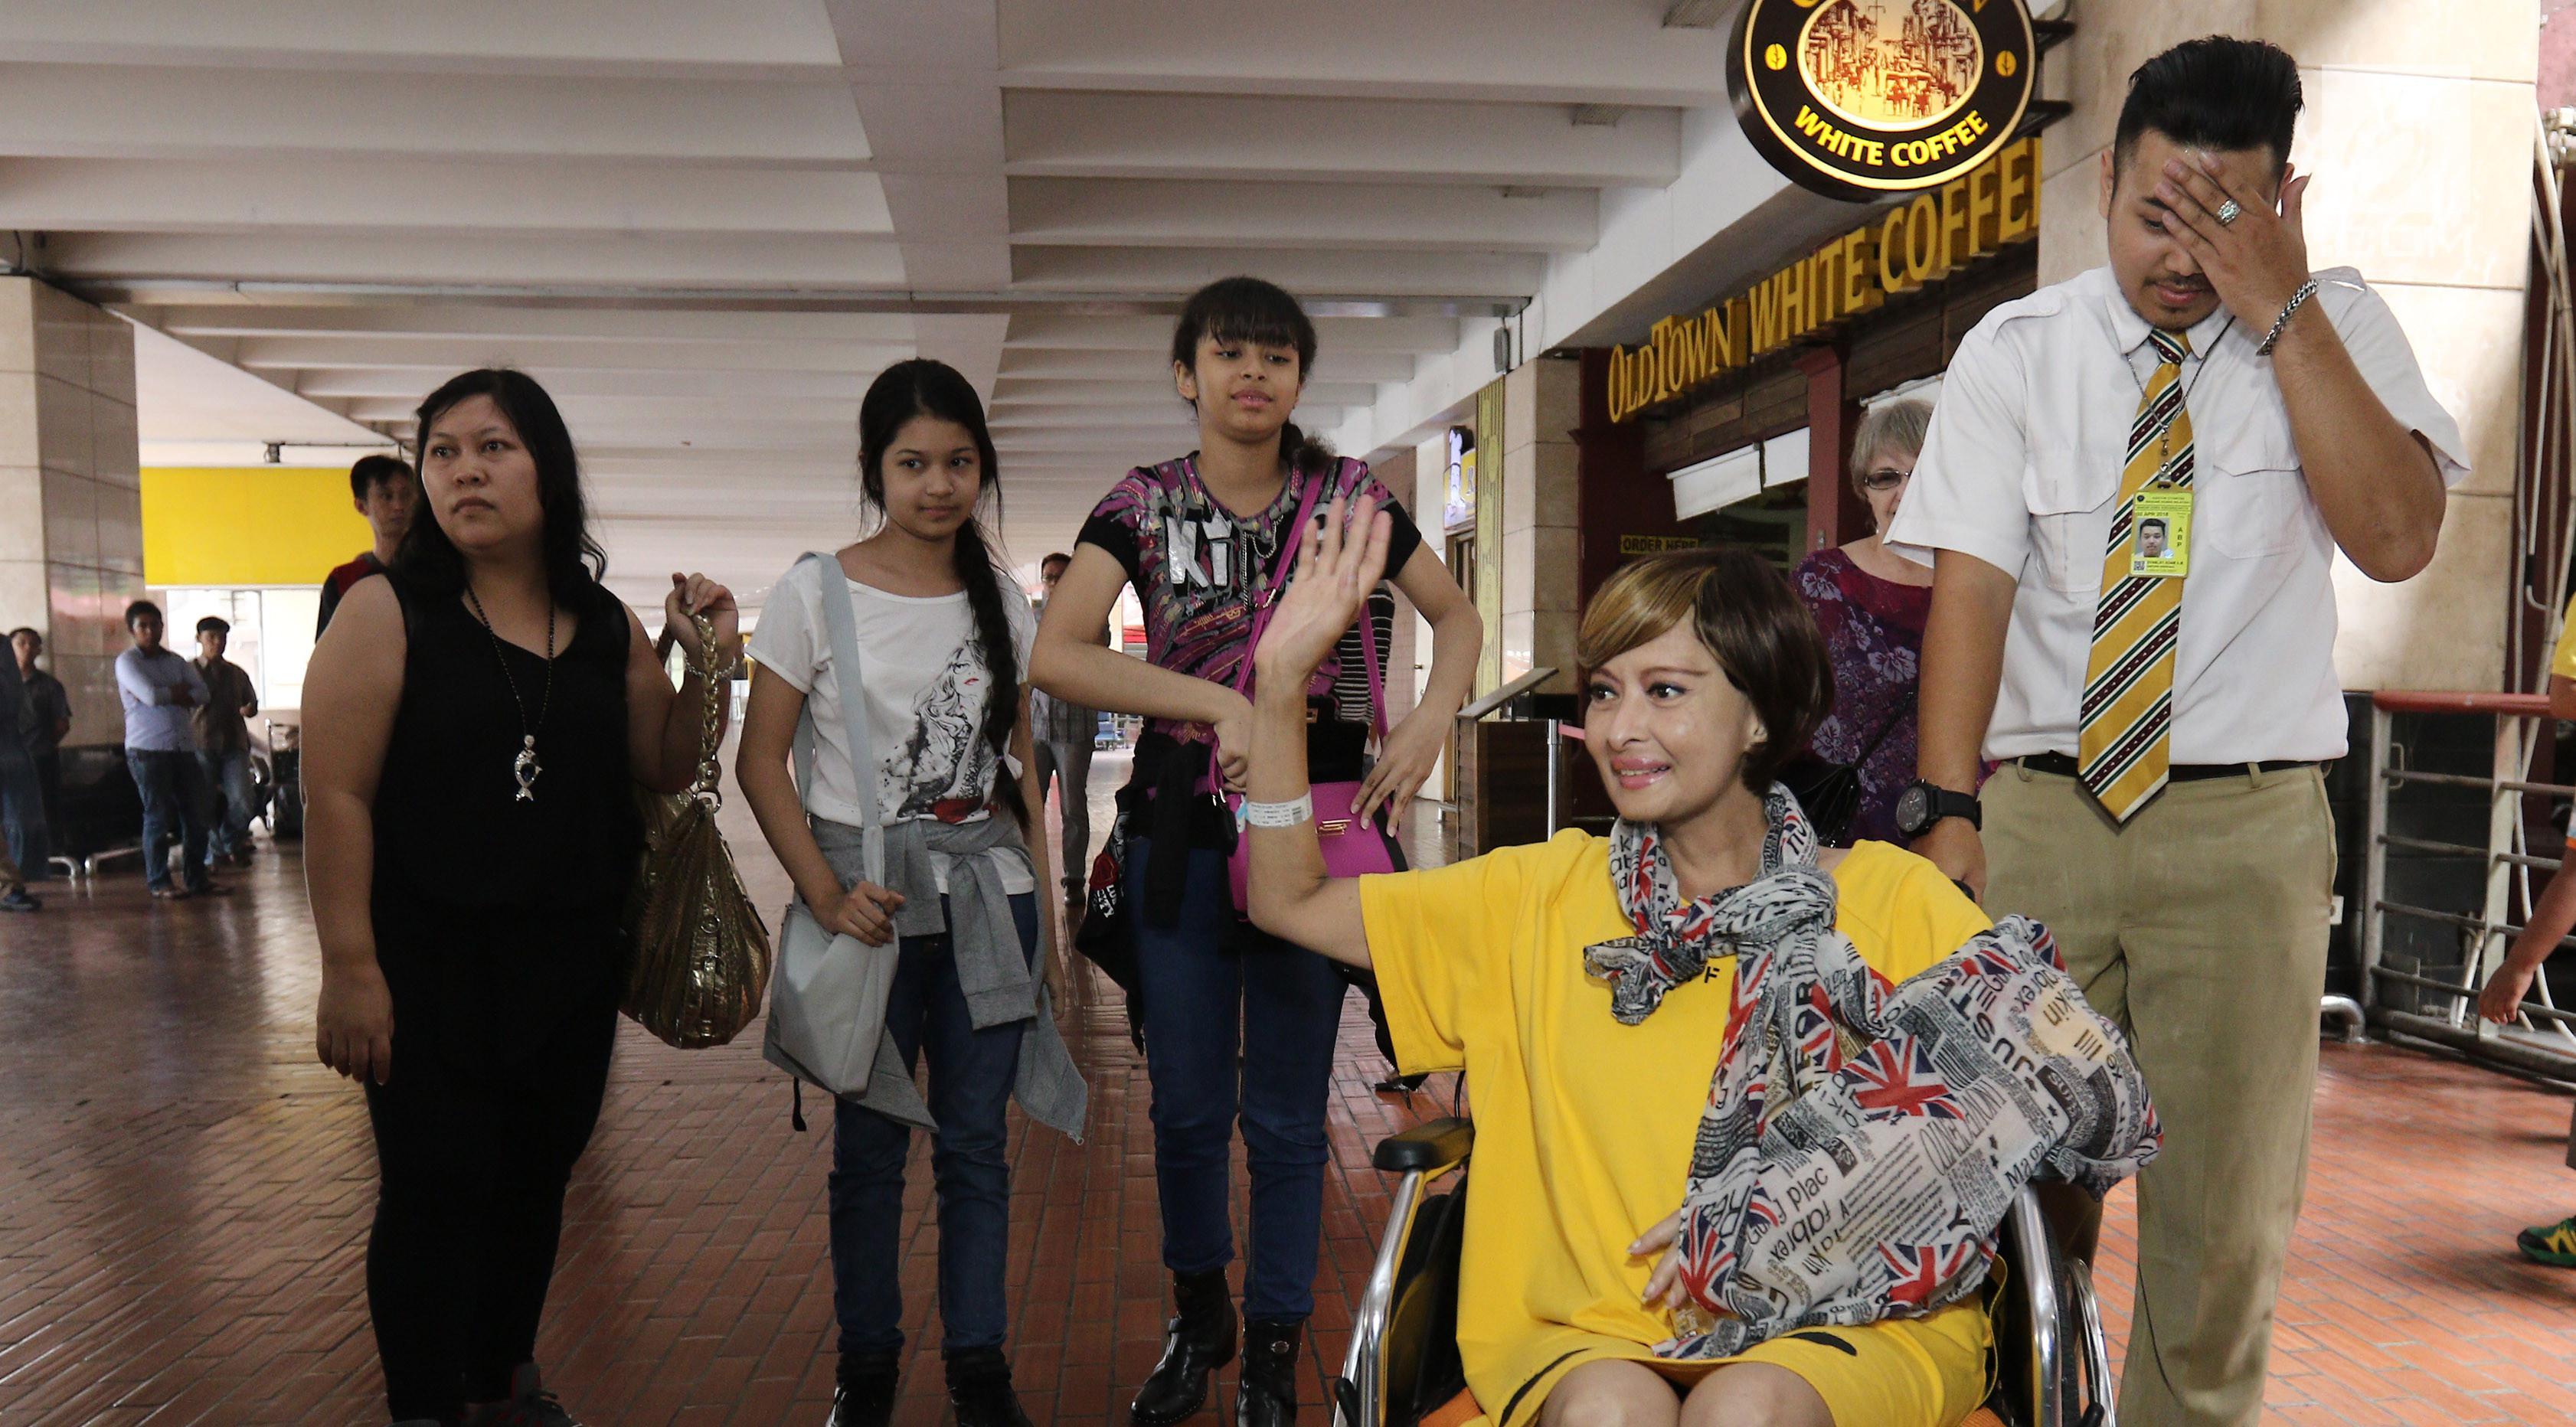 Pemain Sinetron Yana Zein melambaikan tangan saat tiba di bandara Bandara Soekarno Hatta, Tangerang, Minggu (28/5). Selama empat bulan Yana Zein mendapatkan perawatan intensif di Tiongkok, kondisinya jauh lebih baik.  (Liputan6.com/Herman Zakharia)